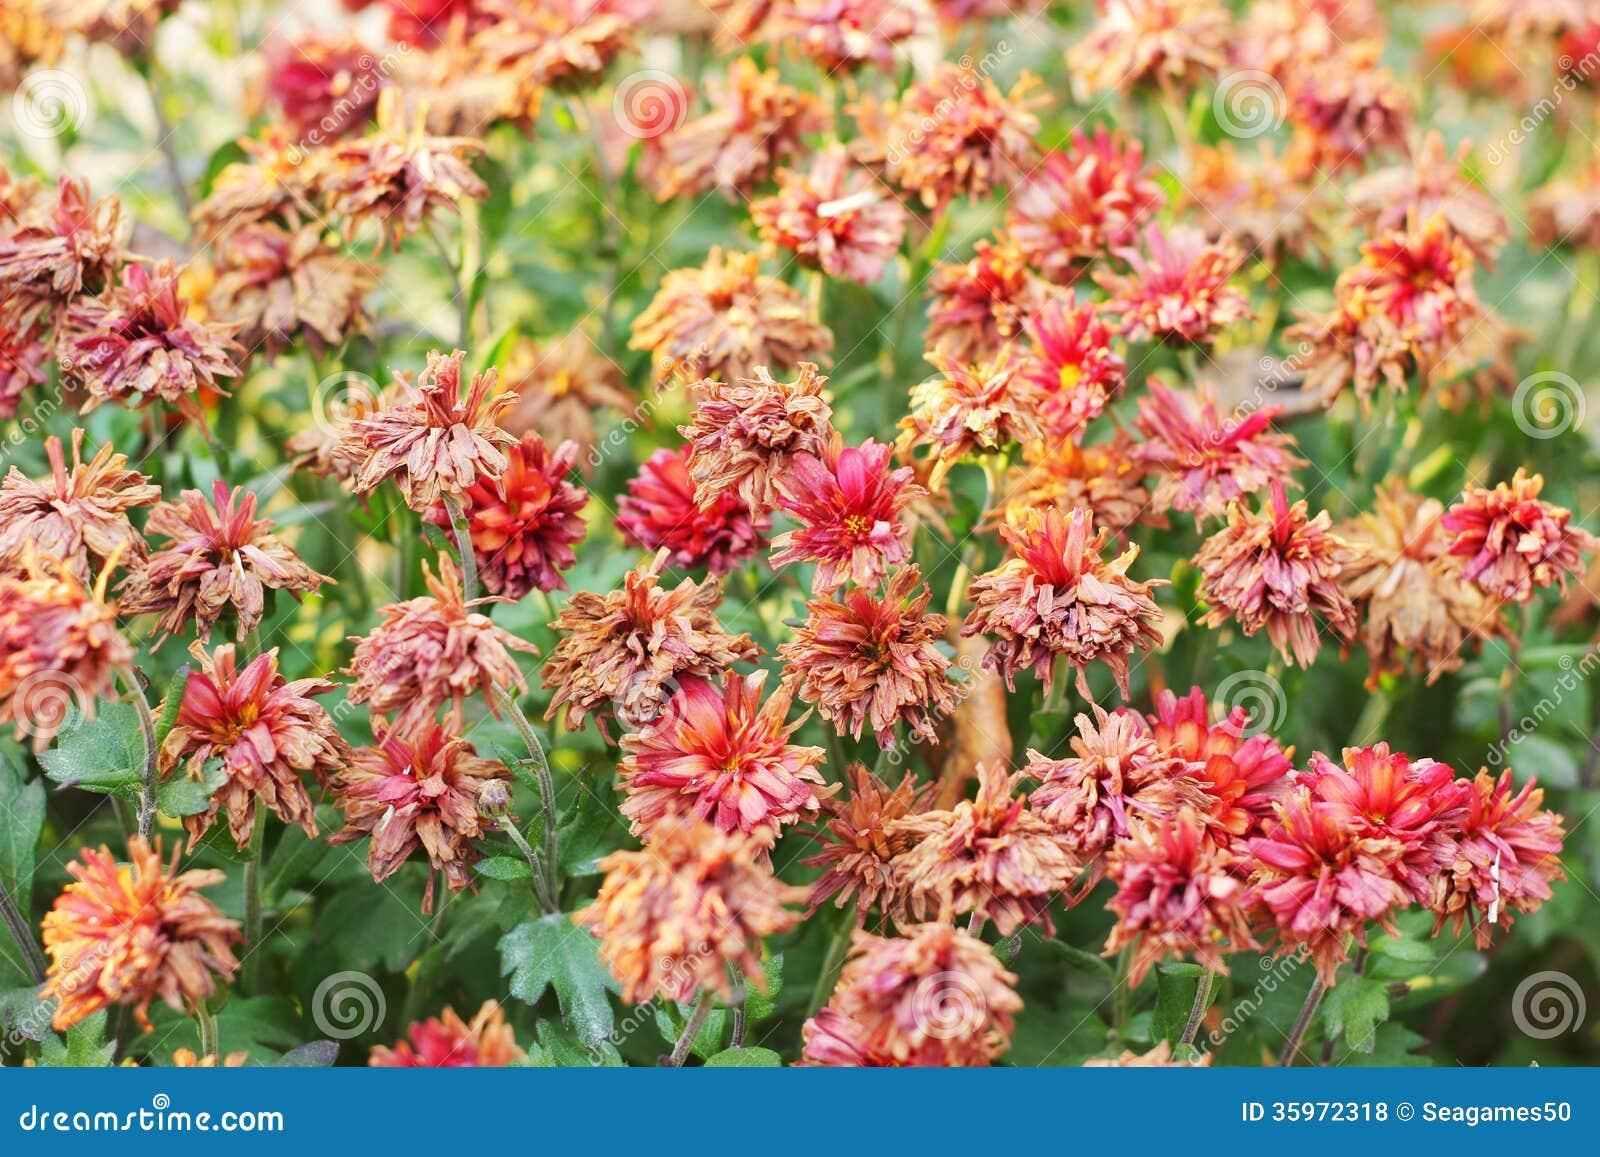 Flores rojas marchitadas en la primavera.